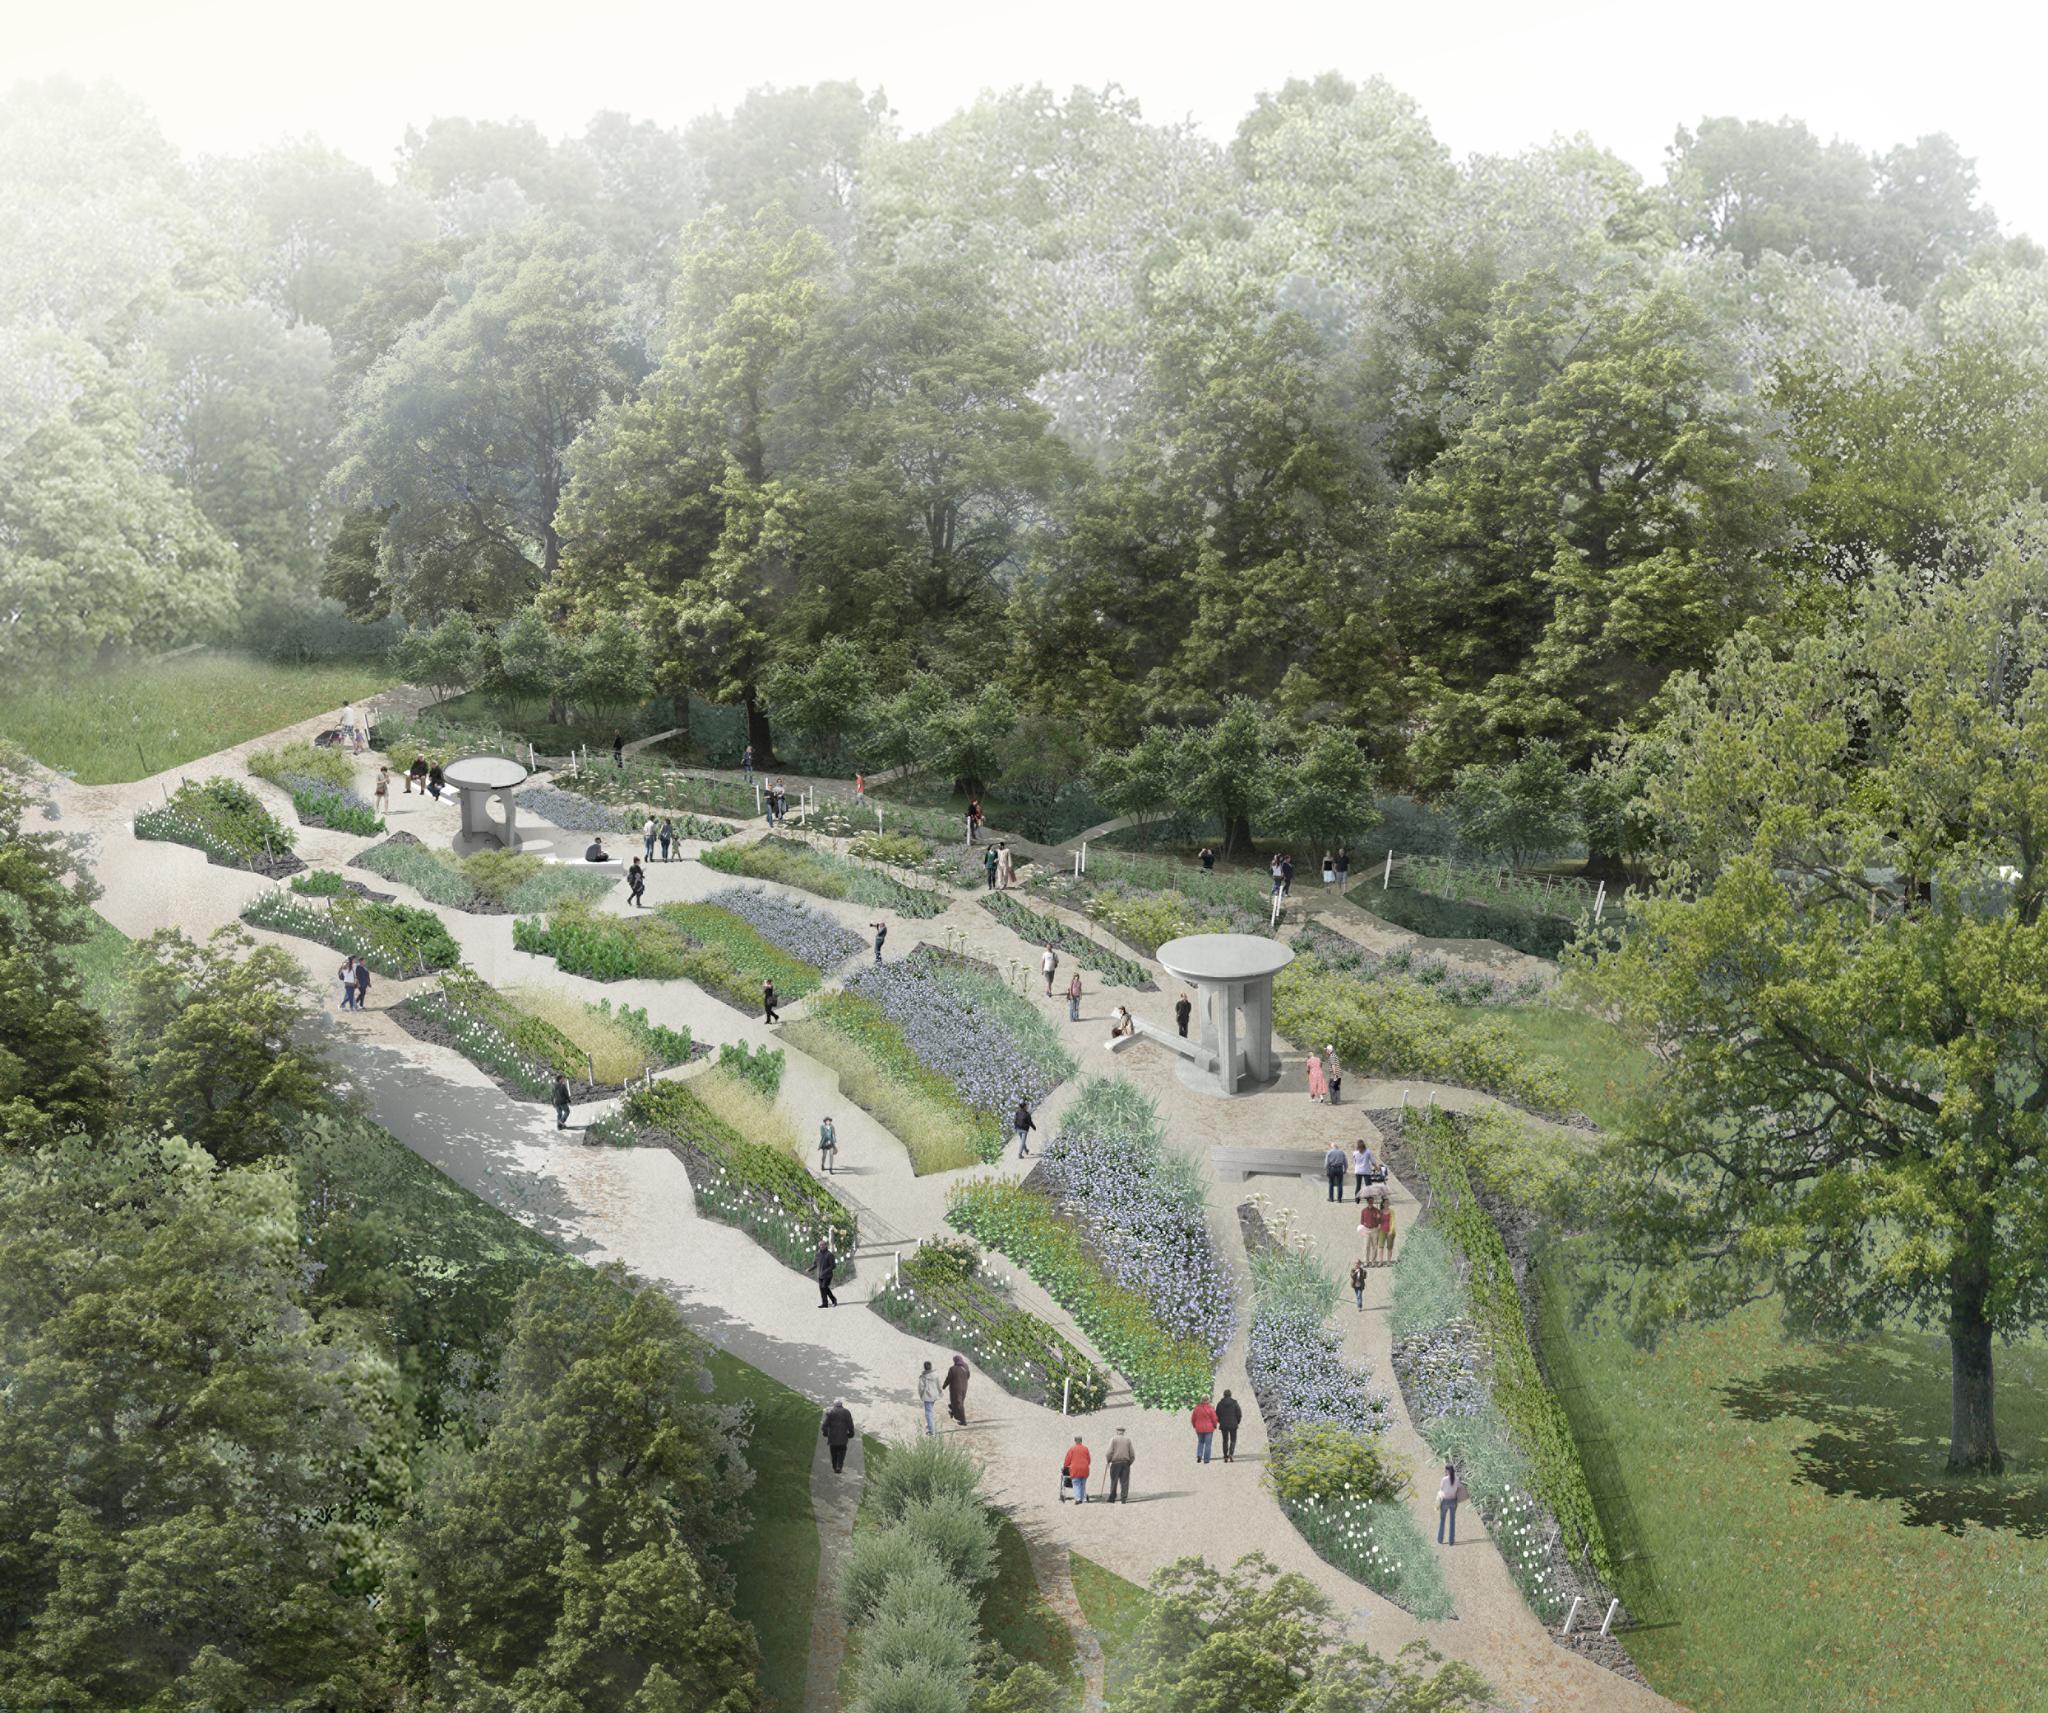 Orientalischer Garten Marzahn: Auf Der Höchsten Erhebung: Gärten Der Welt Erhalten Einen